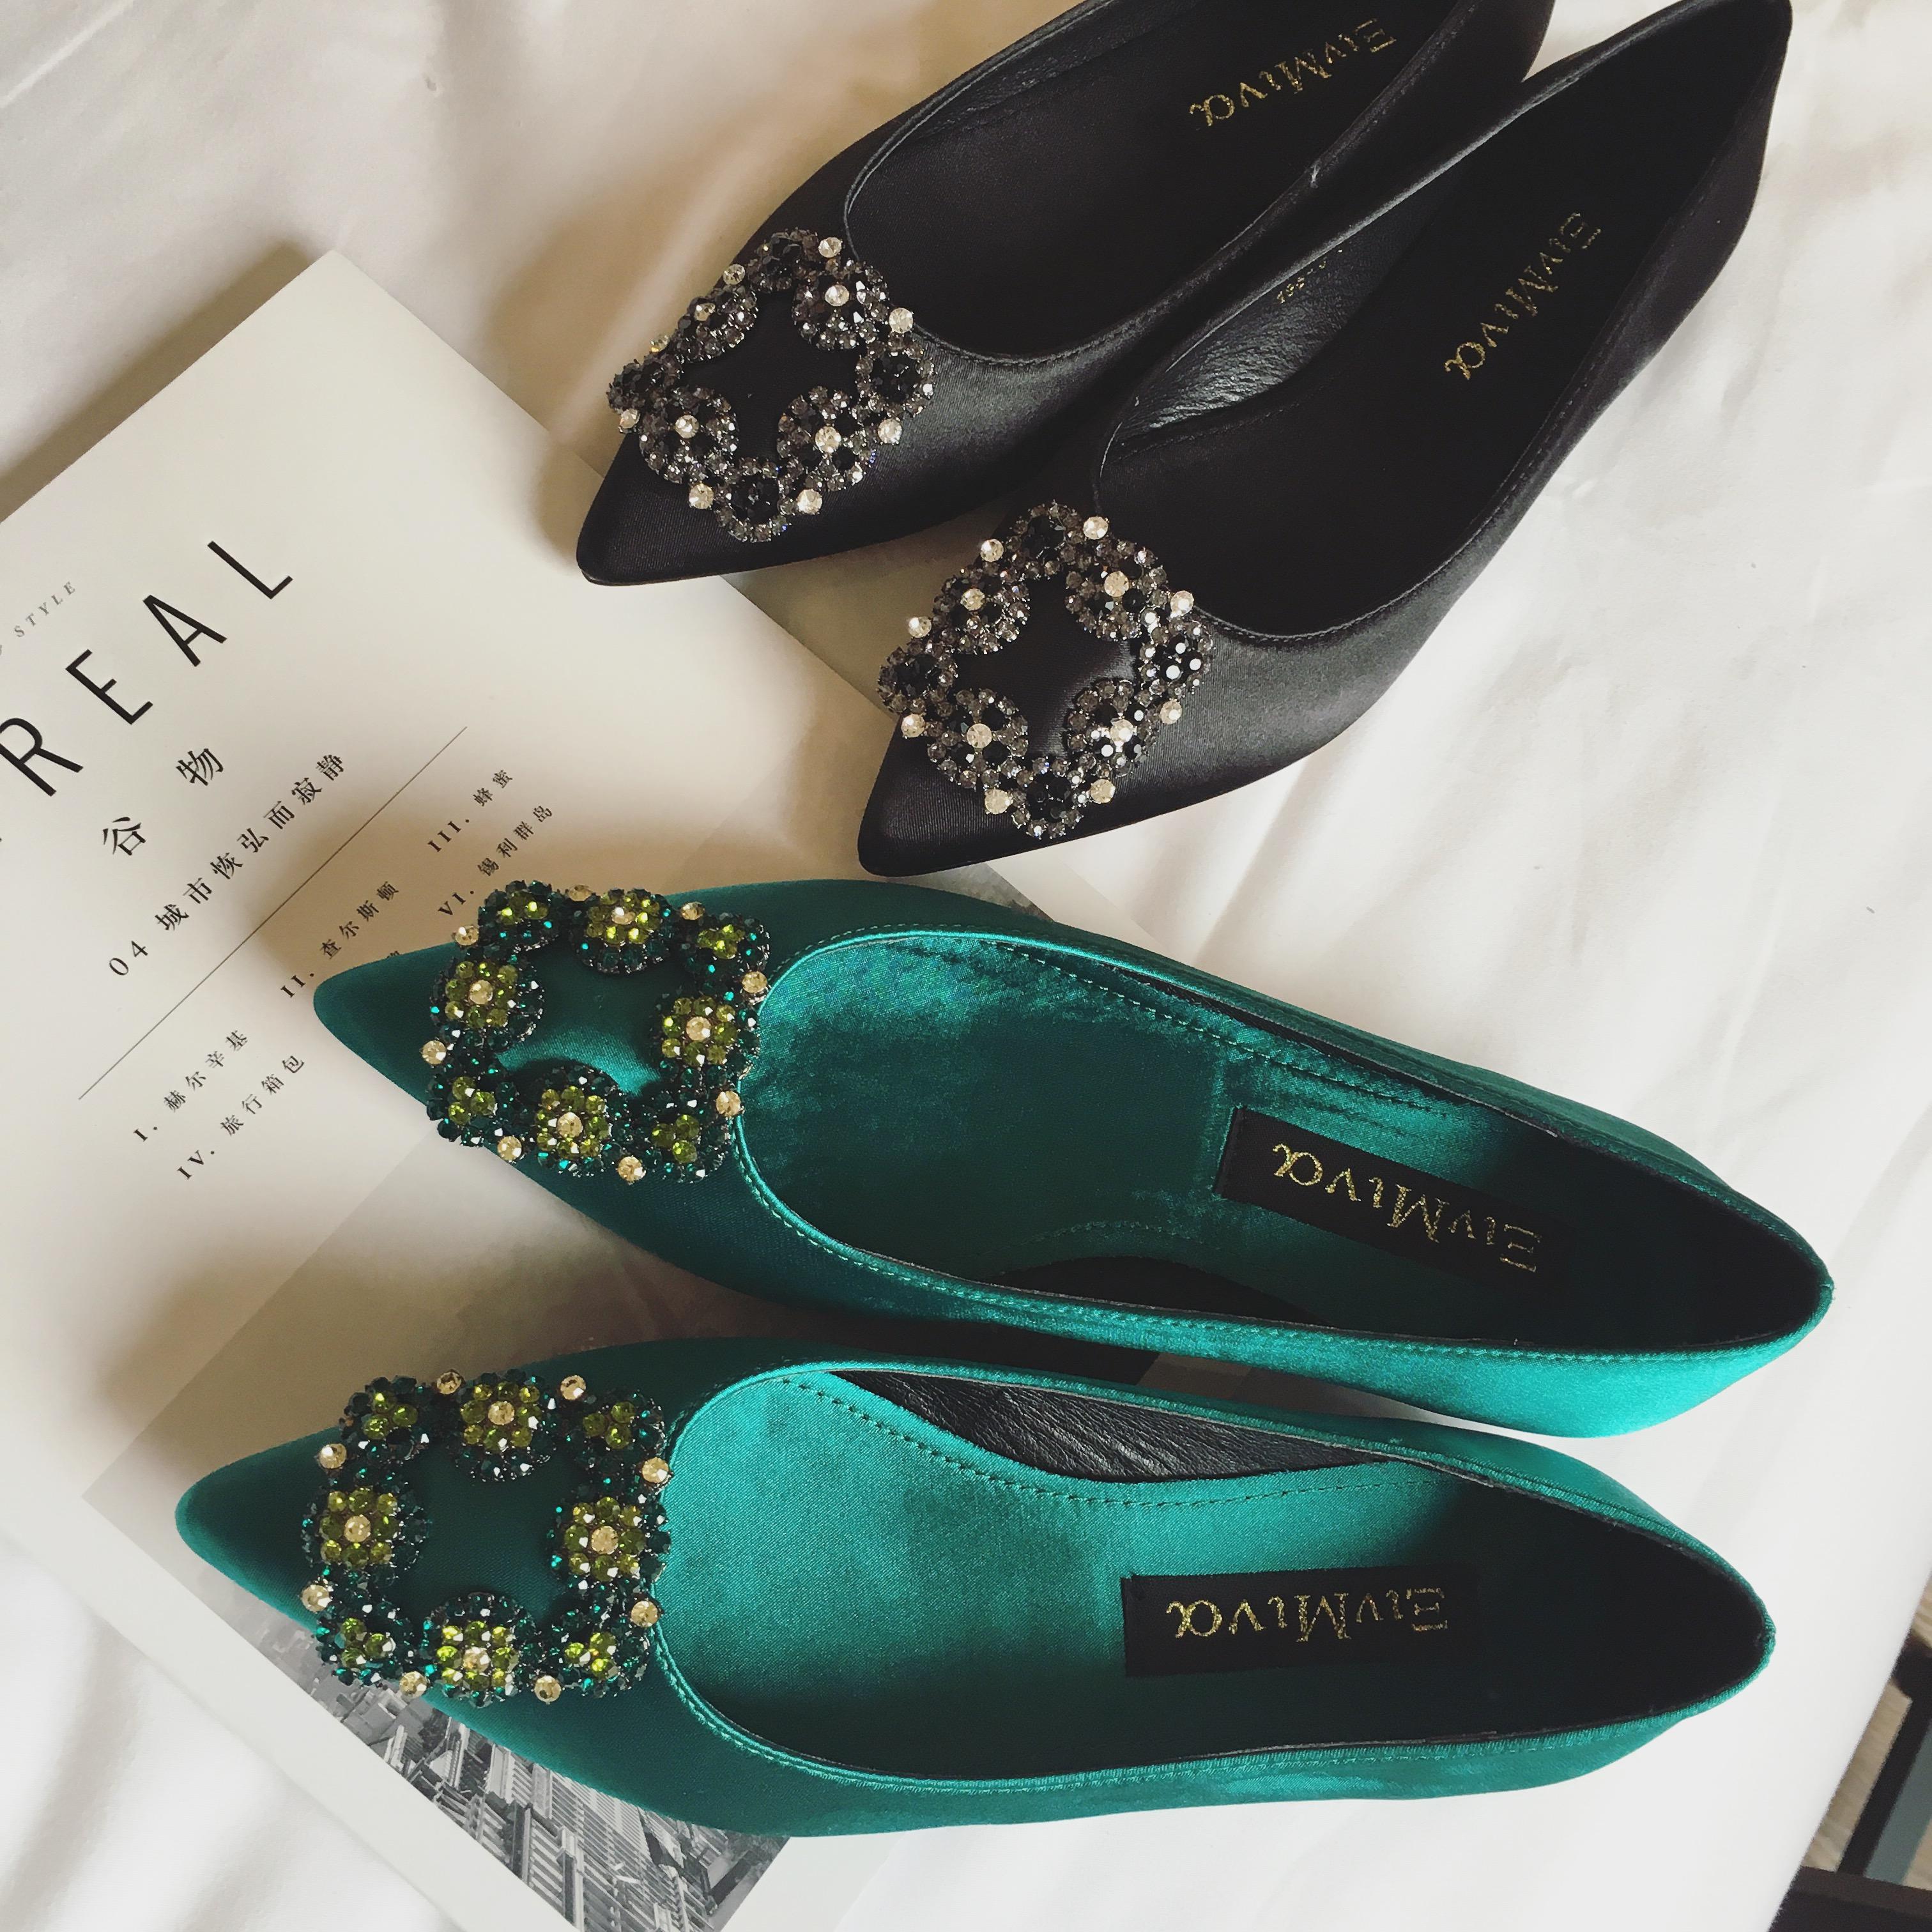 绿色平底鞋 欧美时尚街拍新款单鞋 闪亮水钻方扣绸缎面尖头浅口平底鞋绿色鞋_推荐淘宝好看的绿色平底鞋